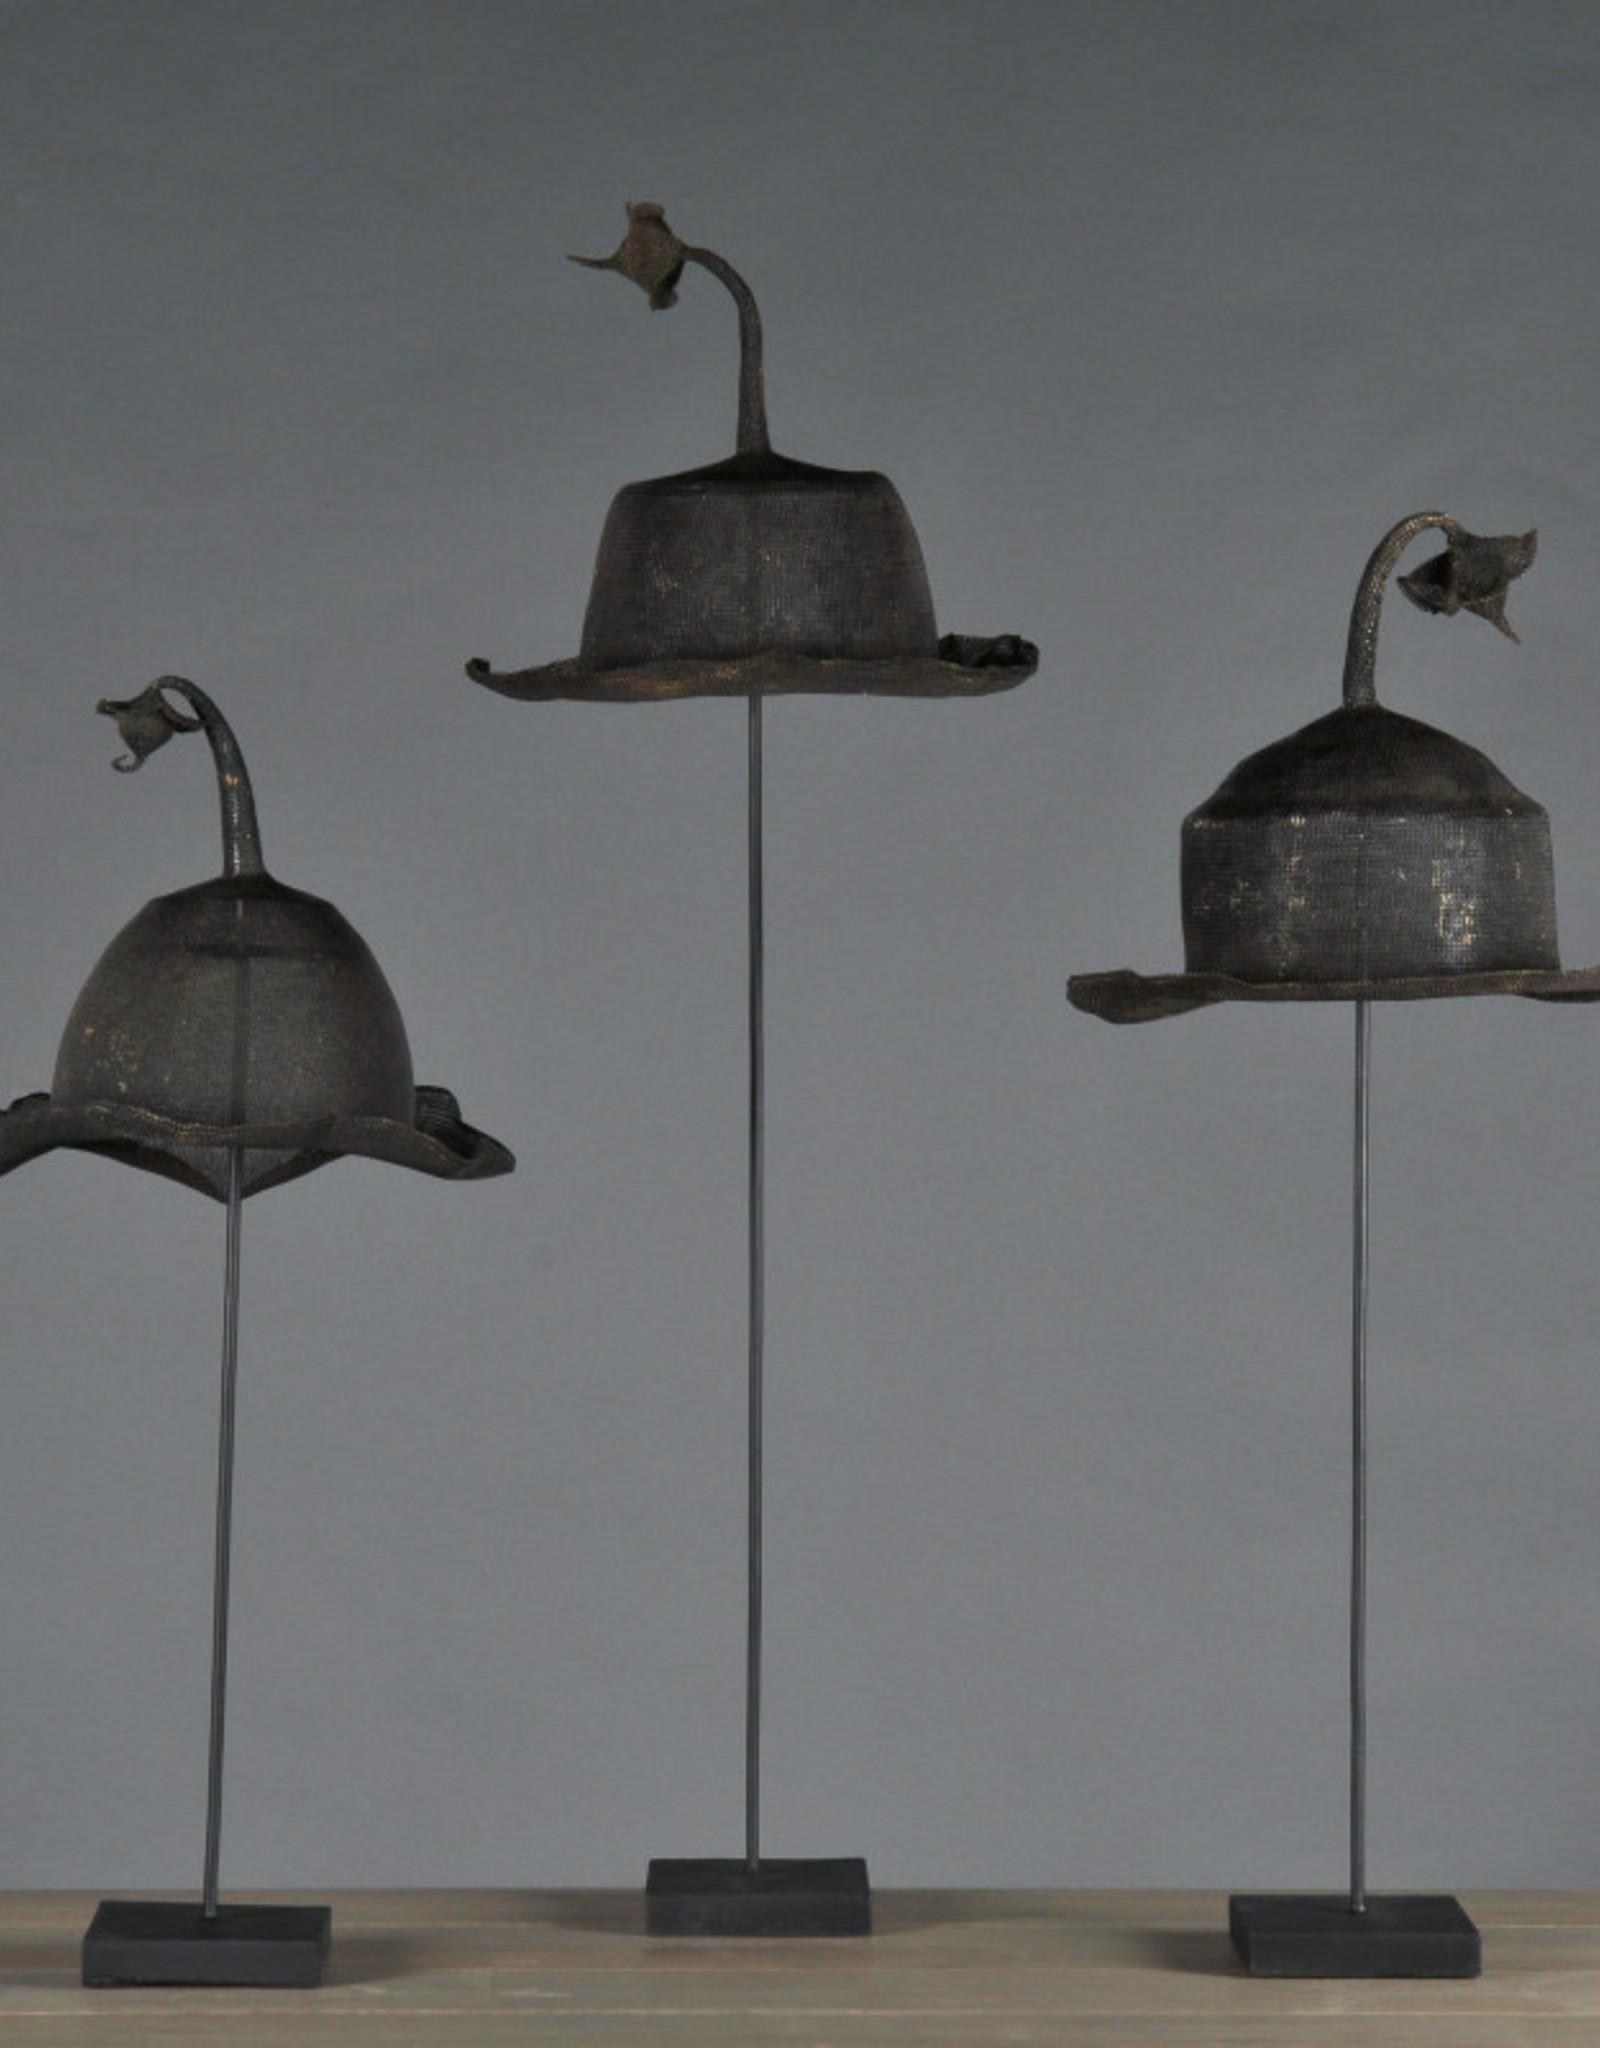 C&S DAVOY DECORATIVE ART S/2 IRON HAT